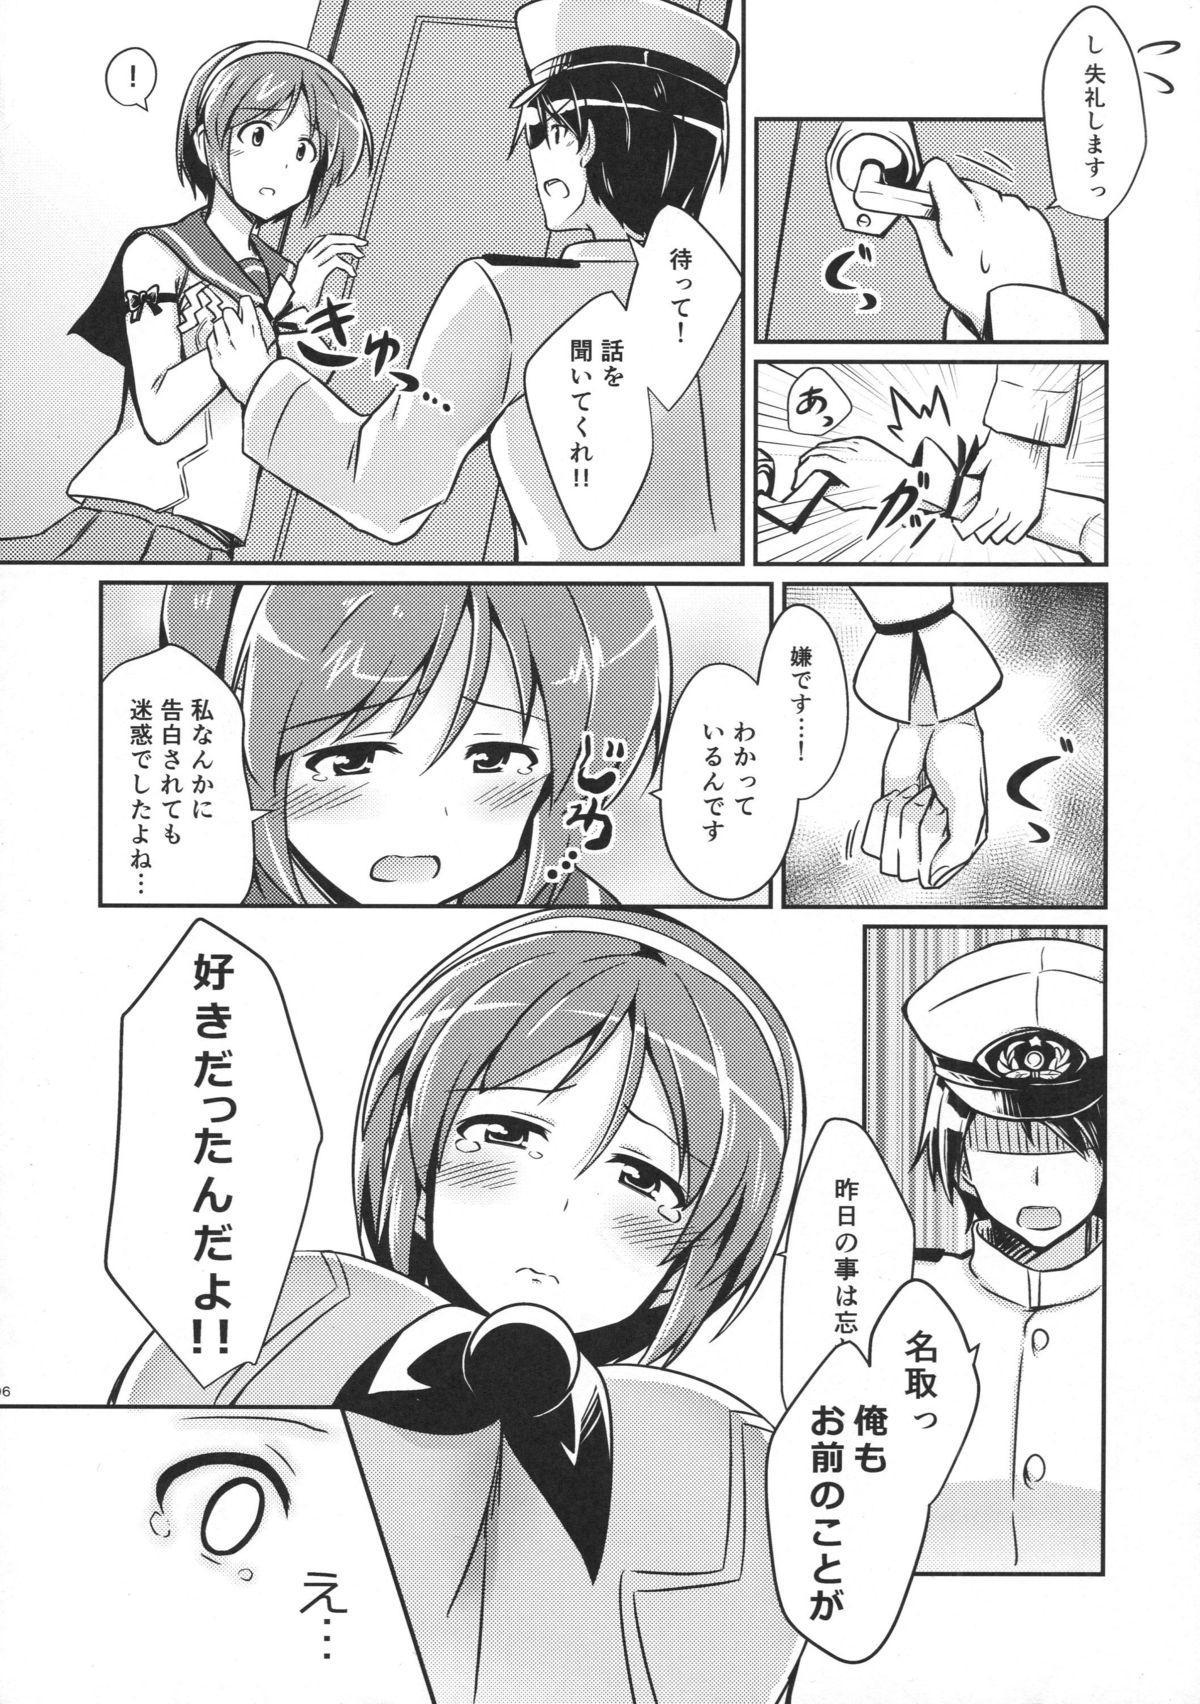 Natori wa Yume no Sekai 4